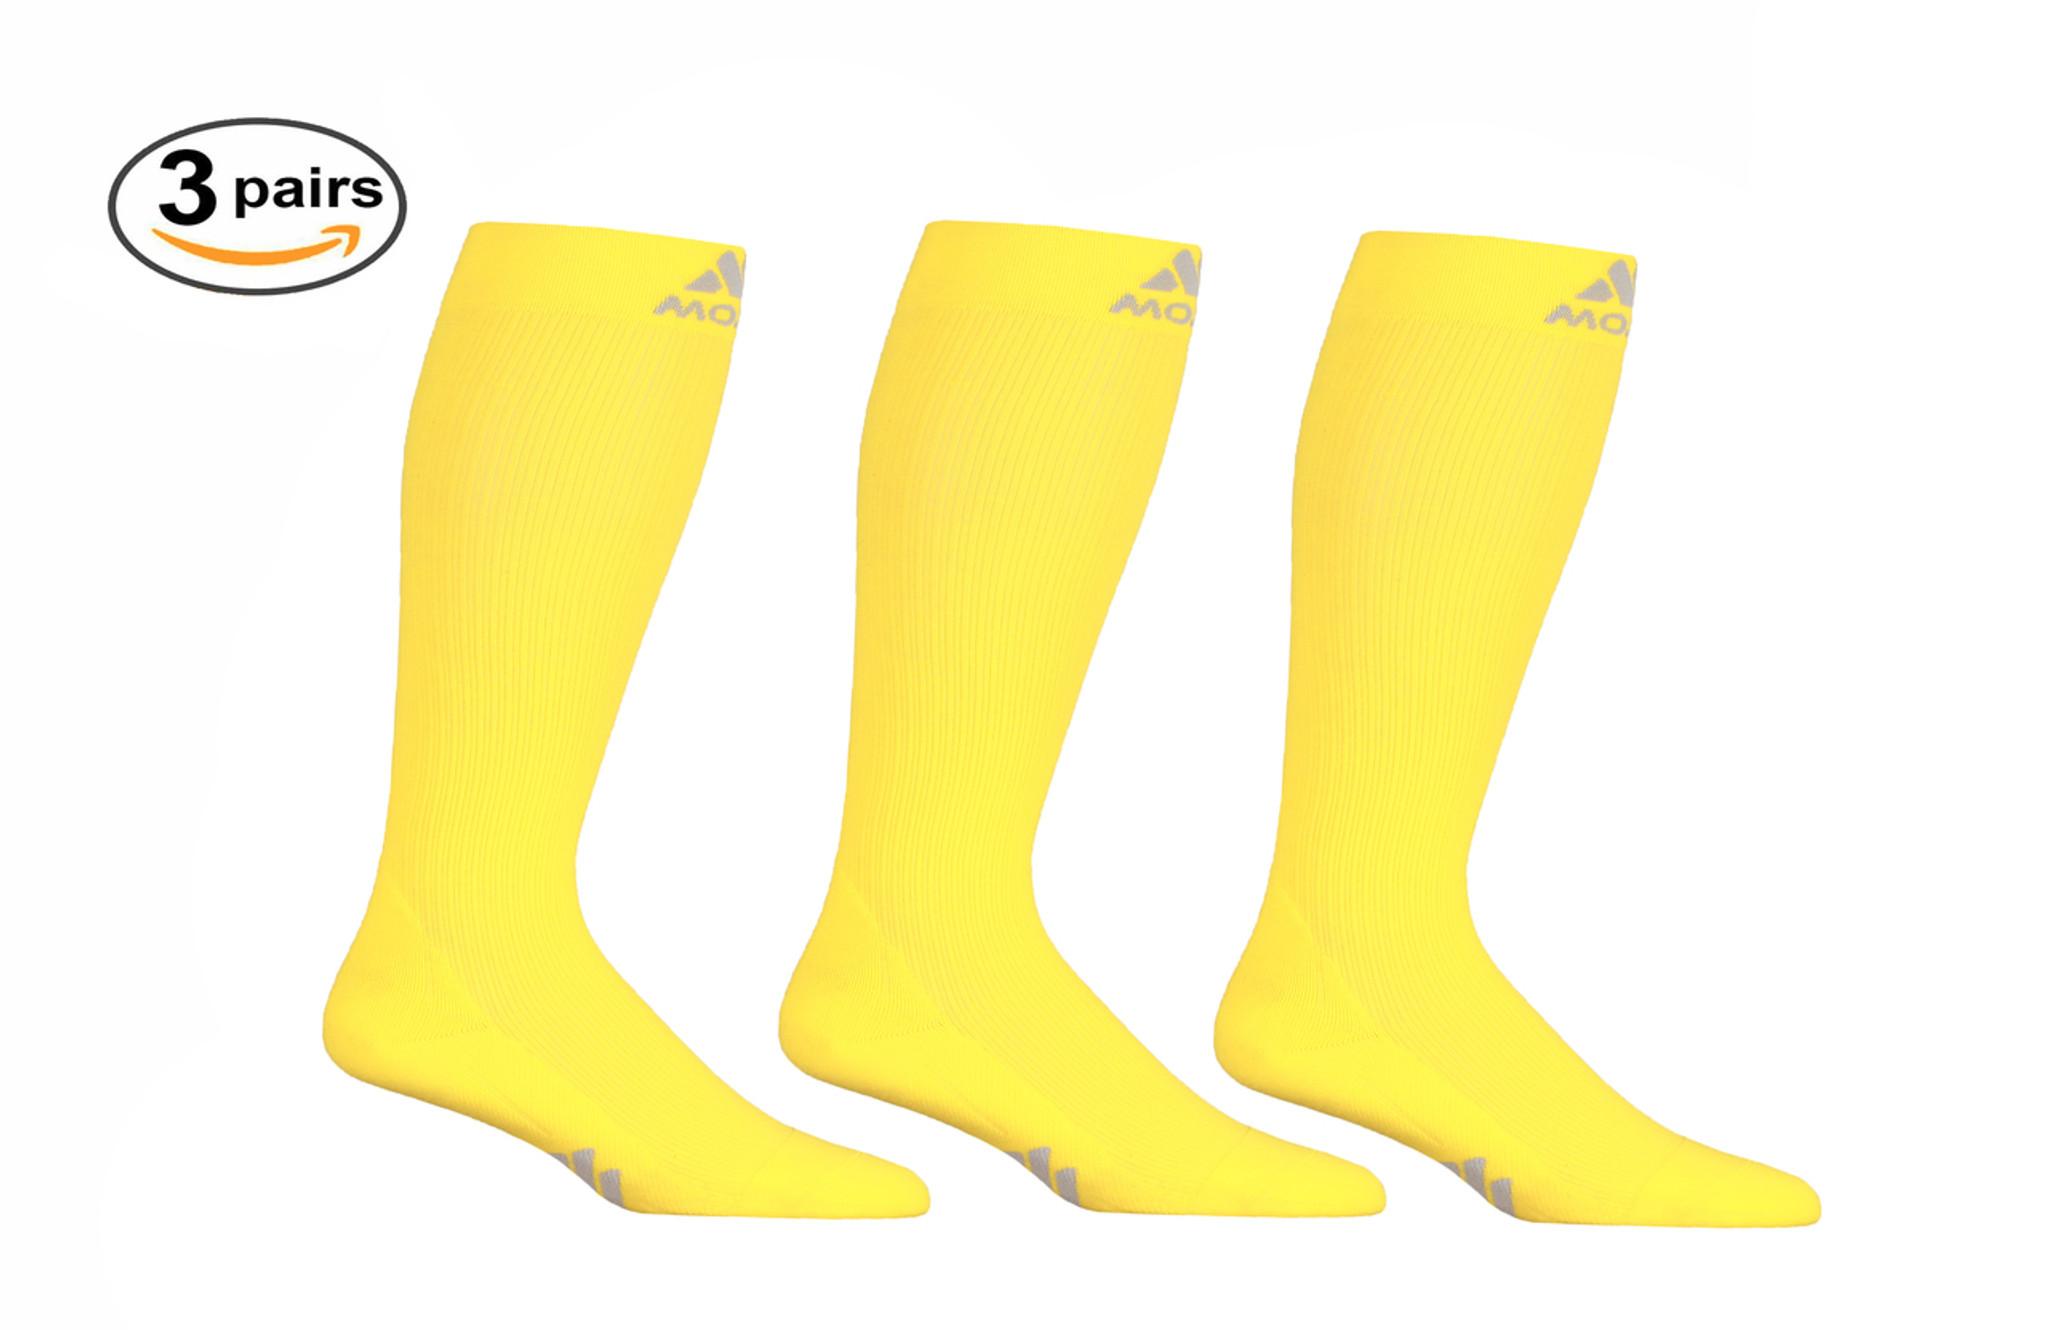 b5ae7563ee M809 - Mojo Mojo Compression Socks - Comfortable Coolmax Material ...